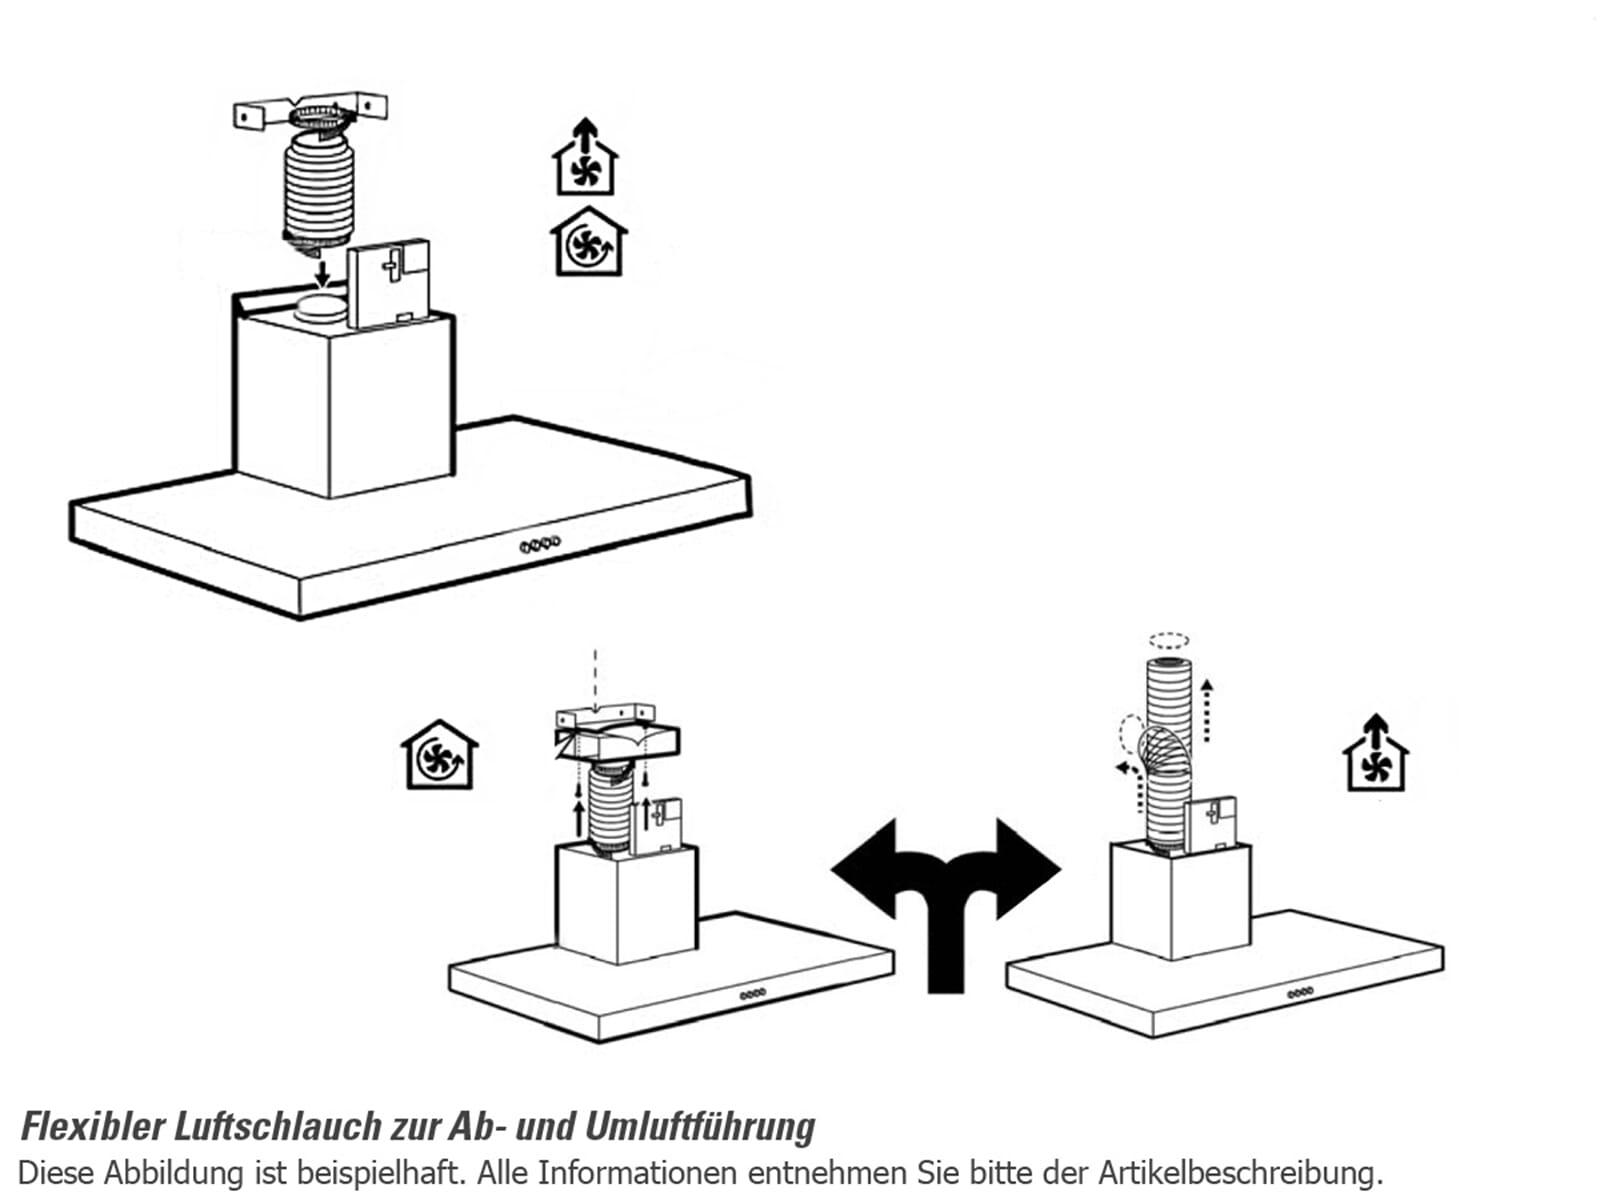 AEG FLEX150AEG Luftschlauch